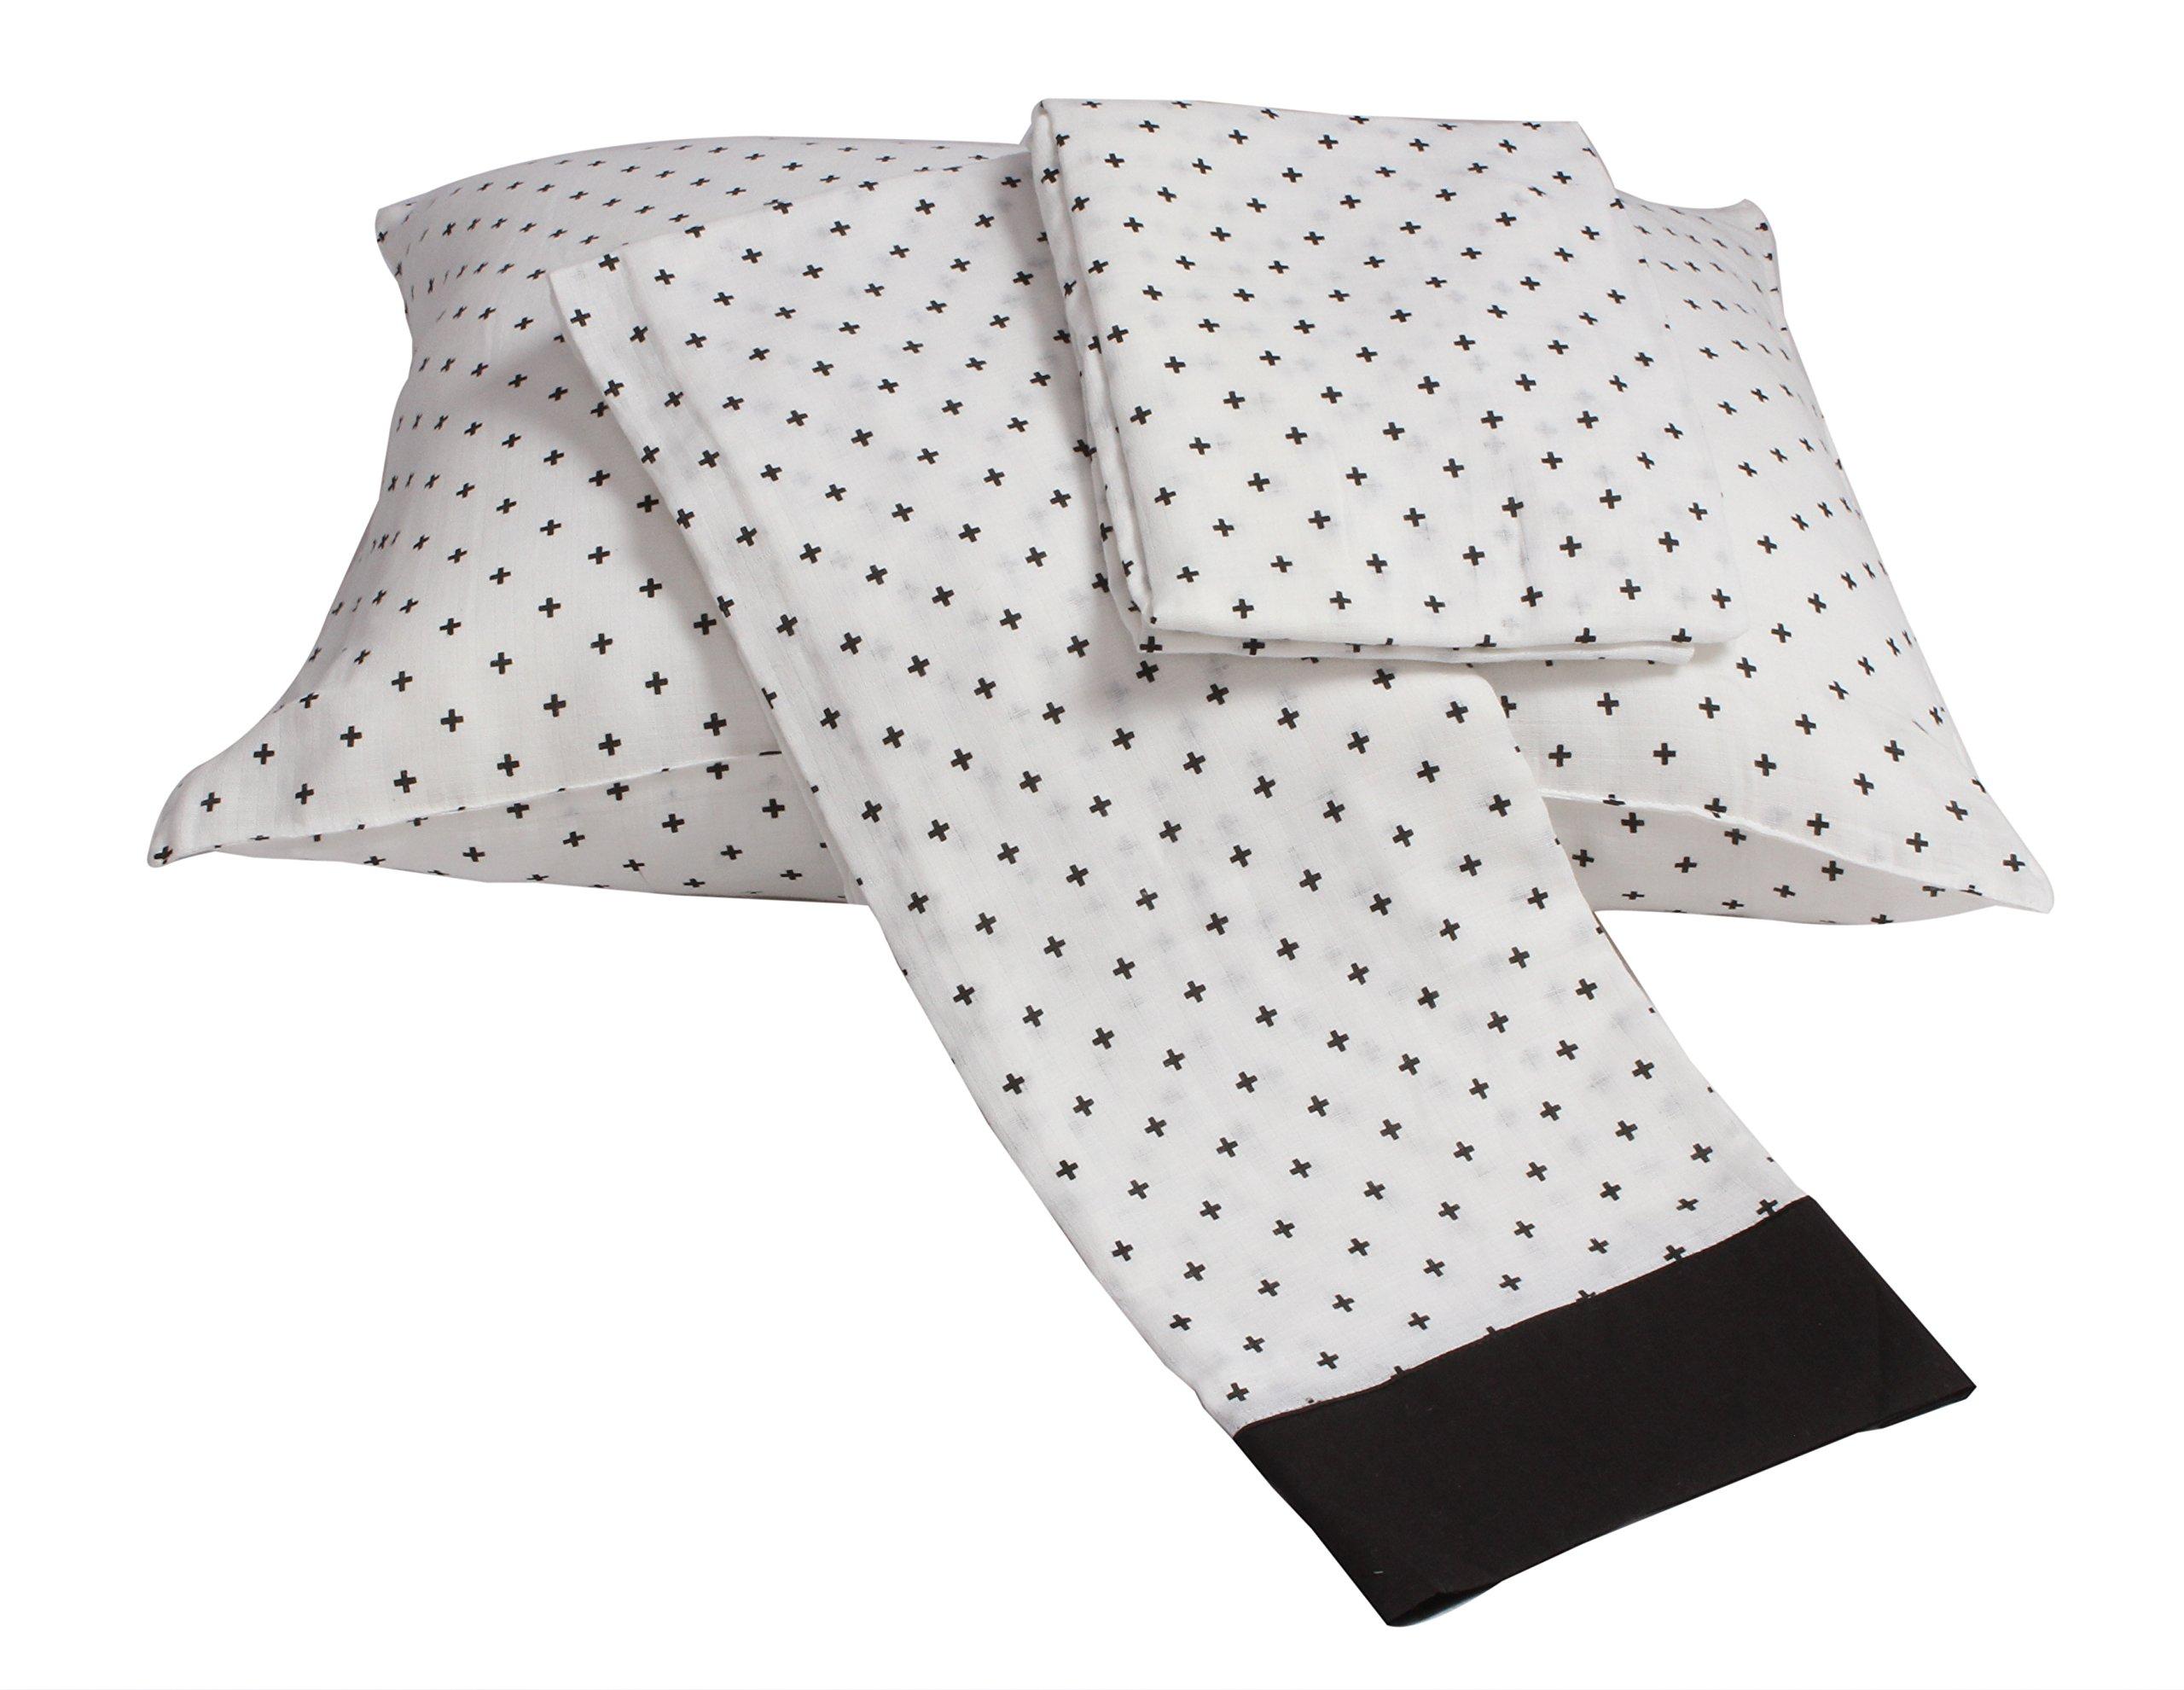 Bacati Plus Muslin 3 Piece Toddler Bedding Sheet Set, Black